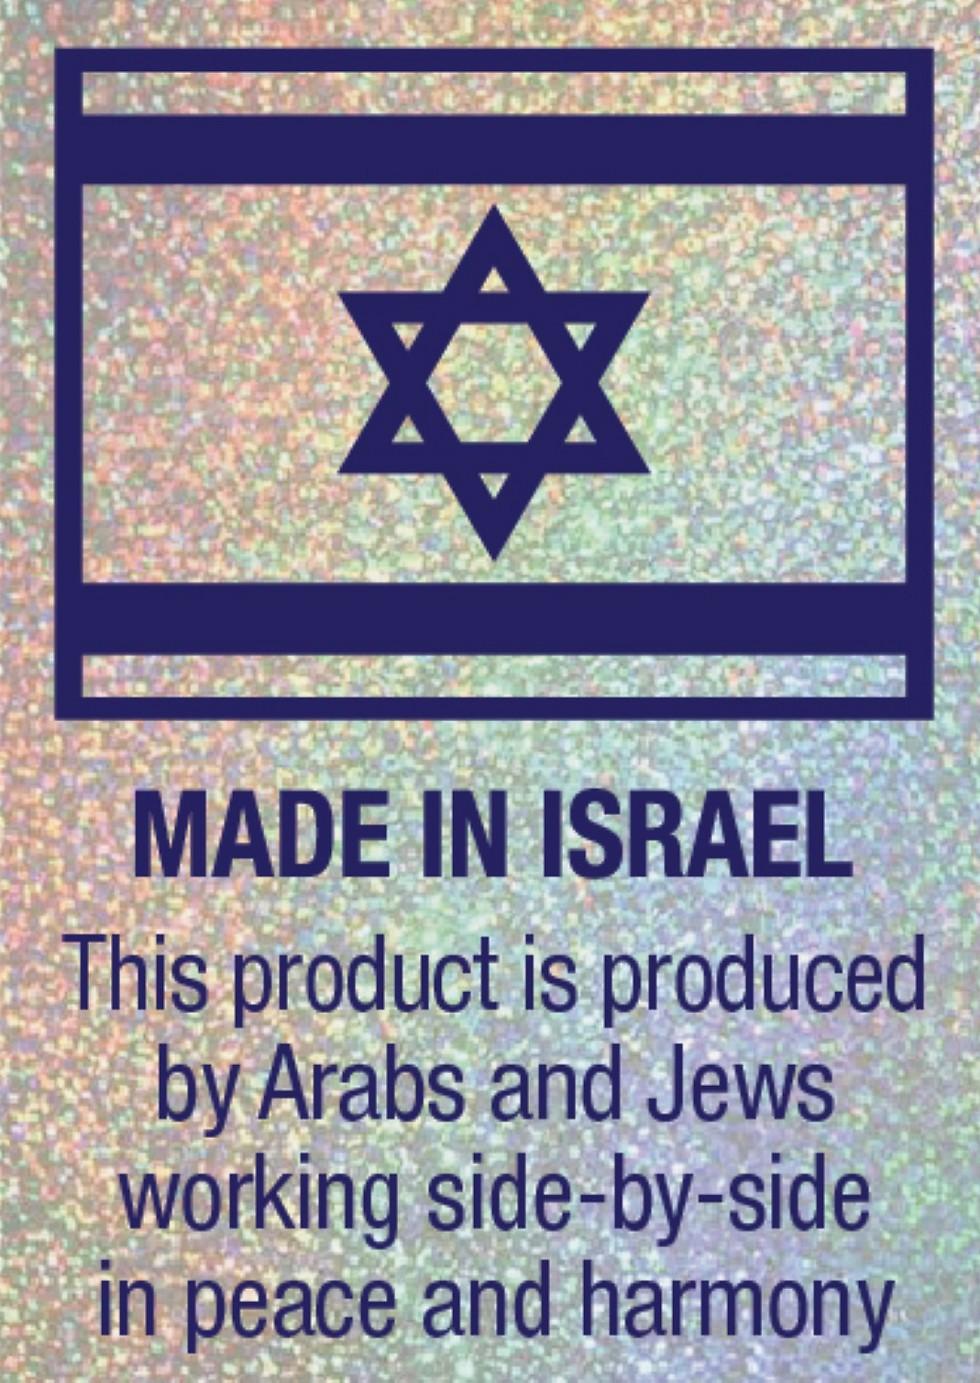 דגל ישראל שיוטבע על אריזות סודהסטרים